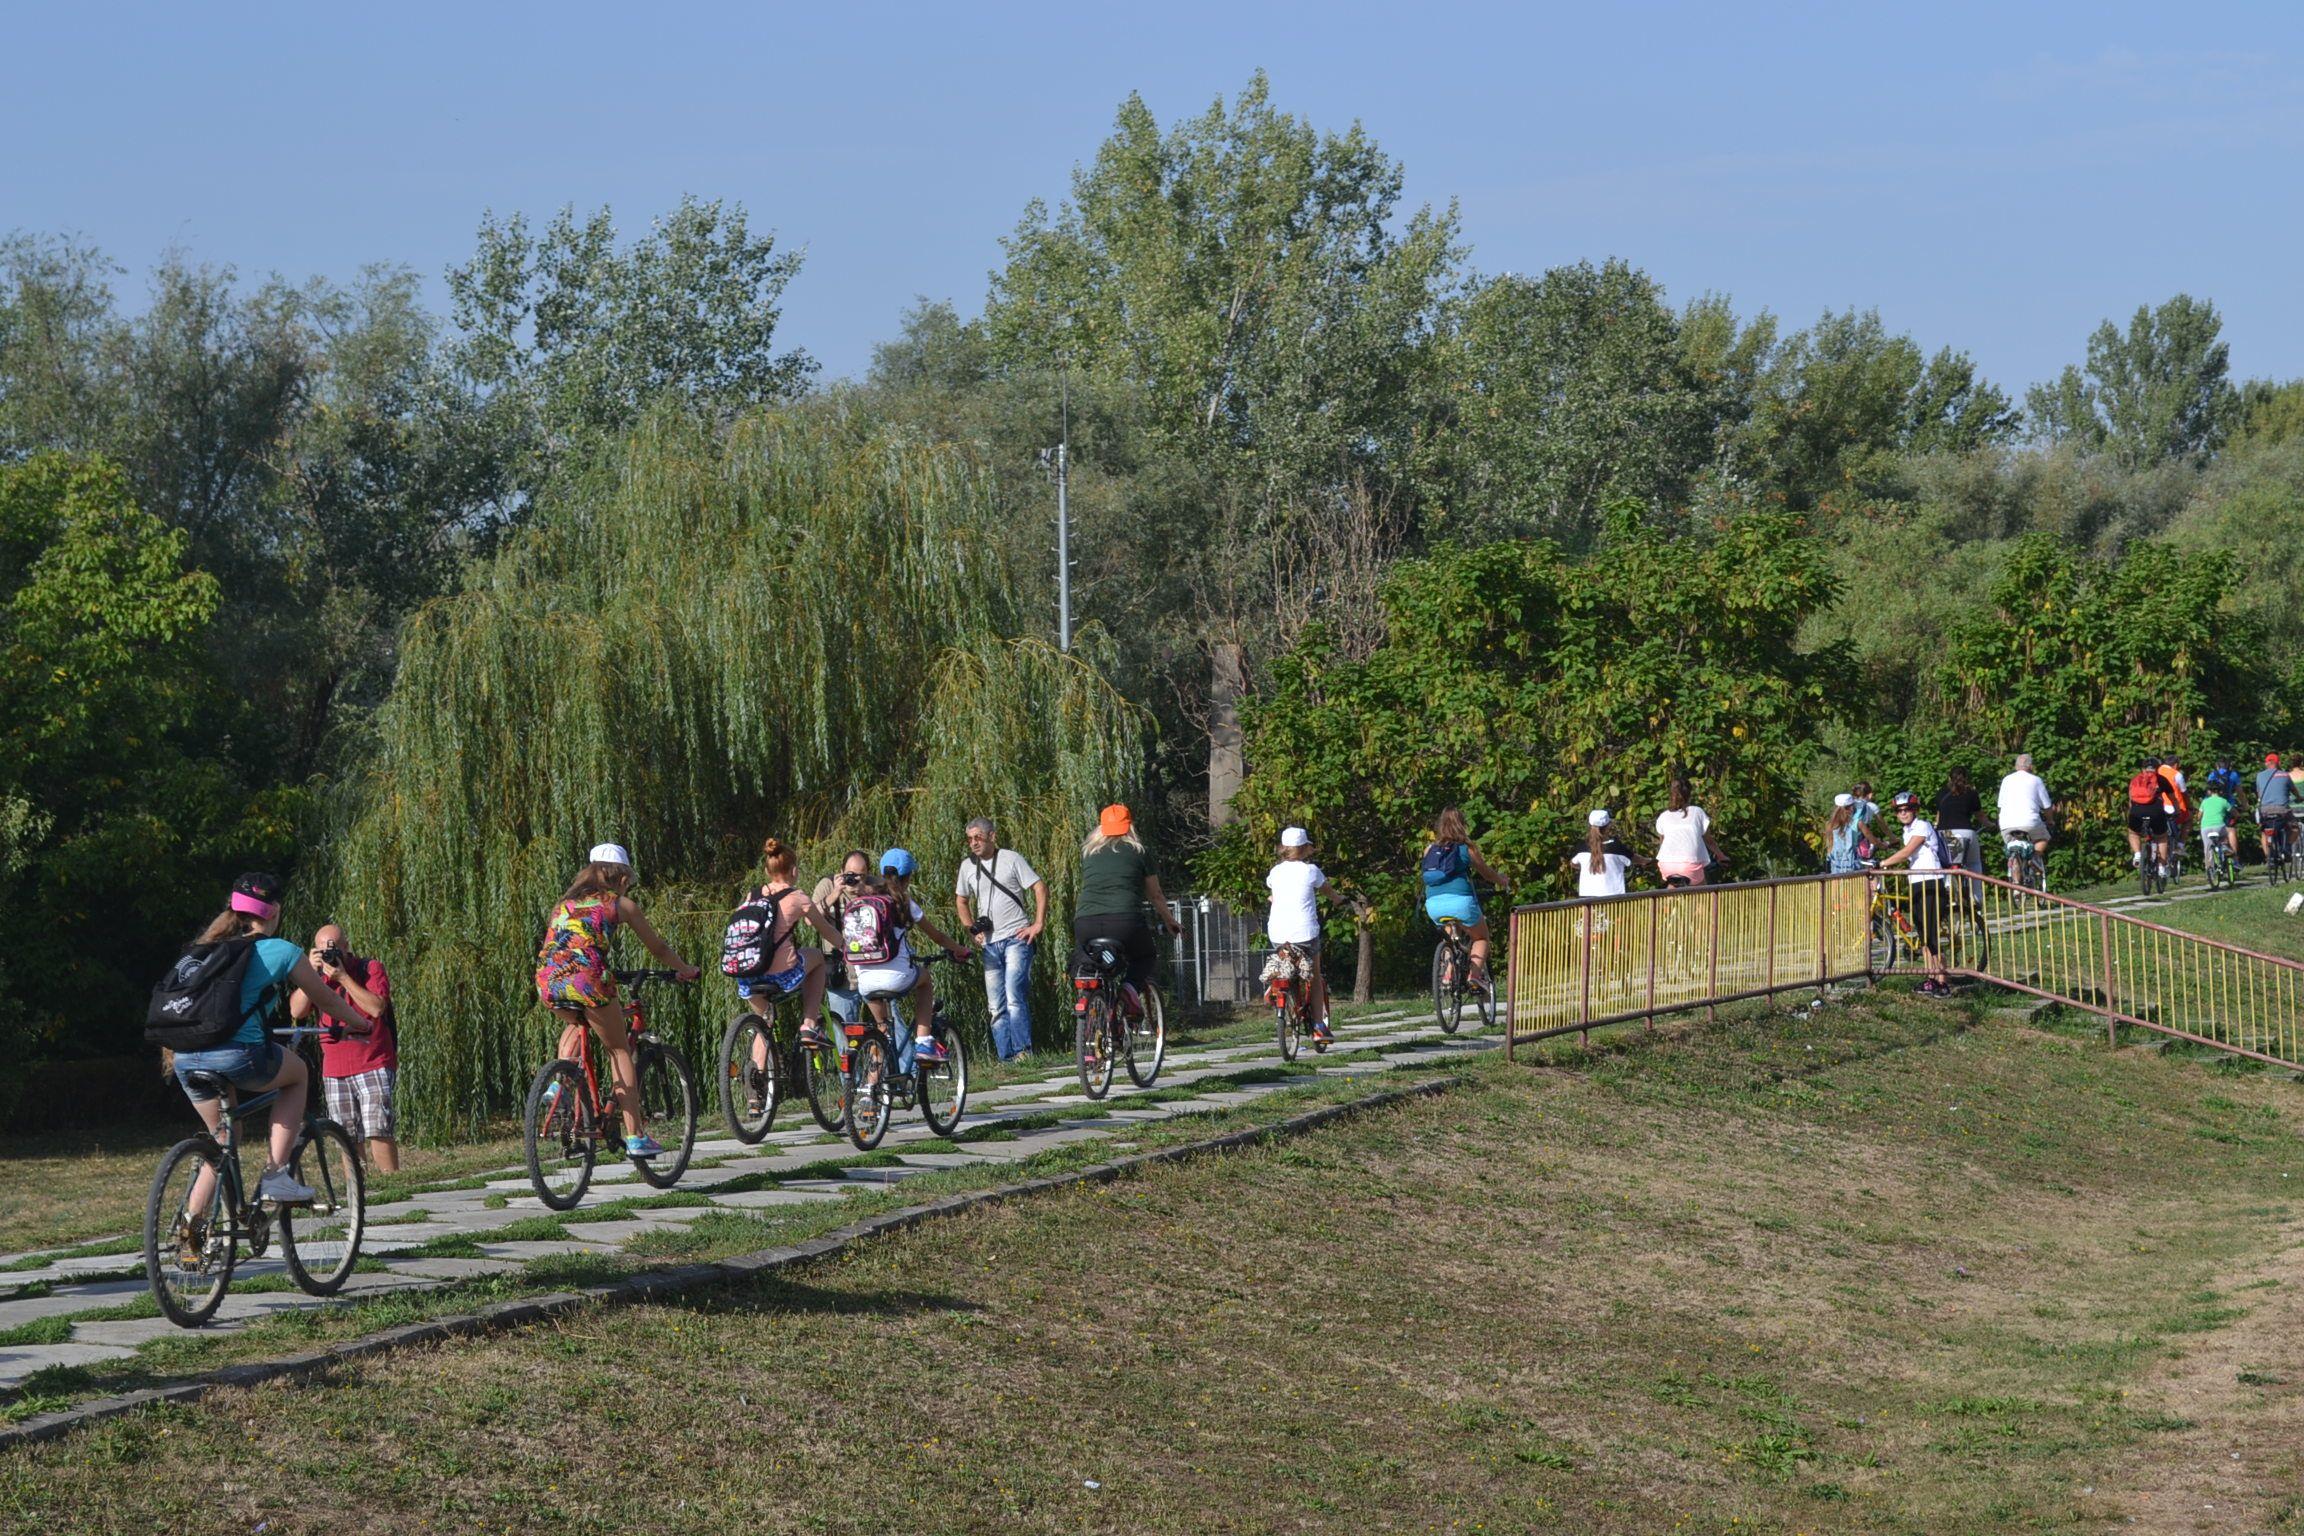 80 de bicicliști din Ungaria vor vizita sâmbătă orașul Satu Mare. Sătmărenii sunt invitați să li se alăture